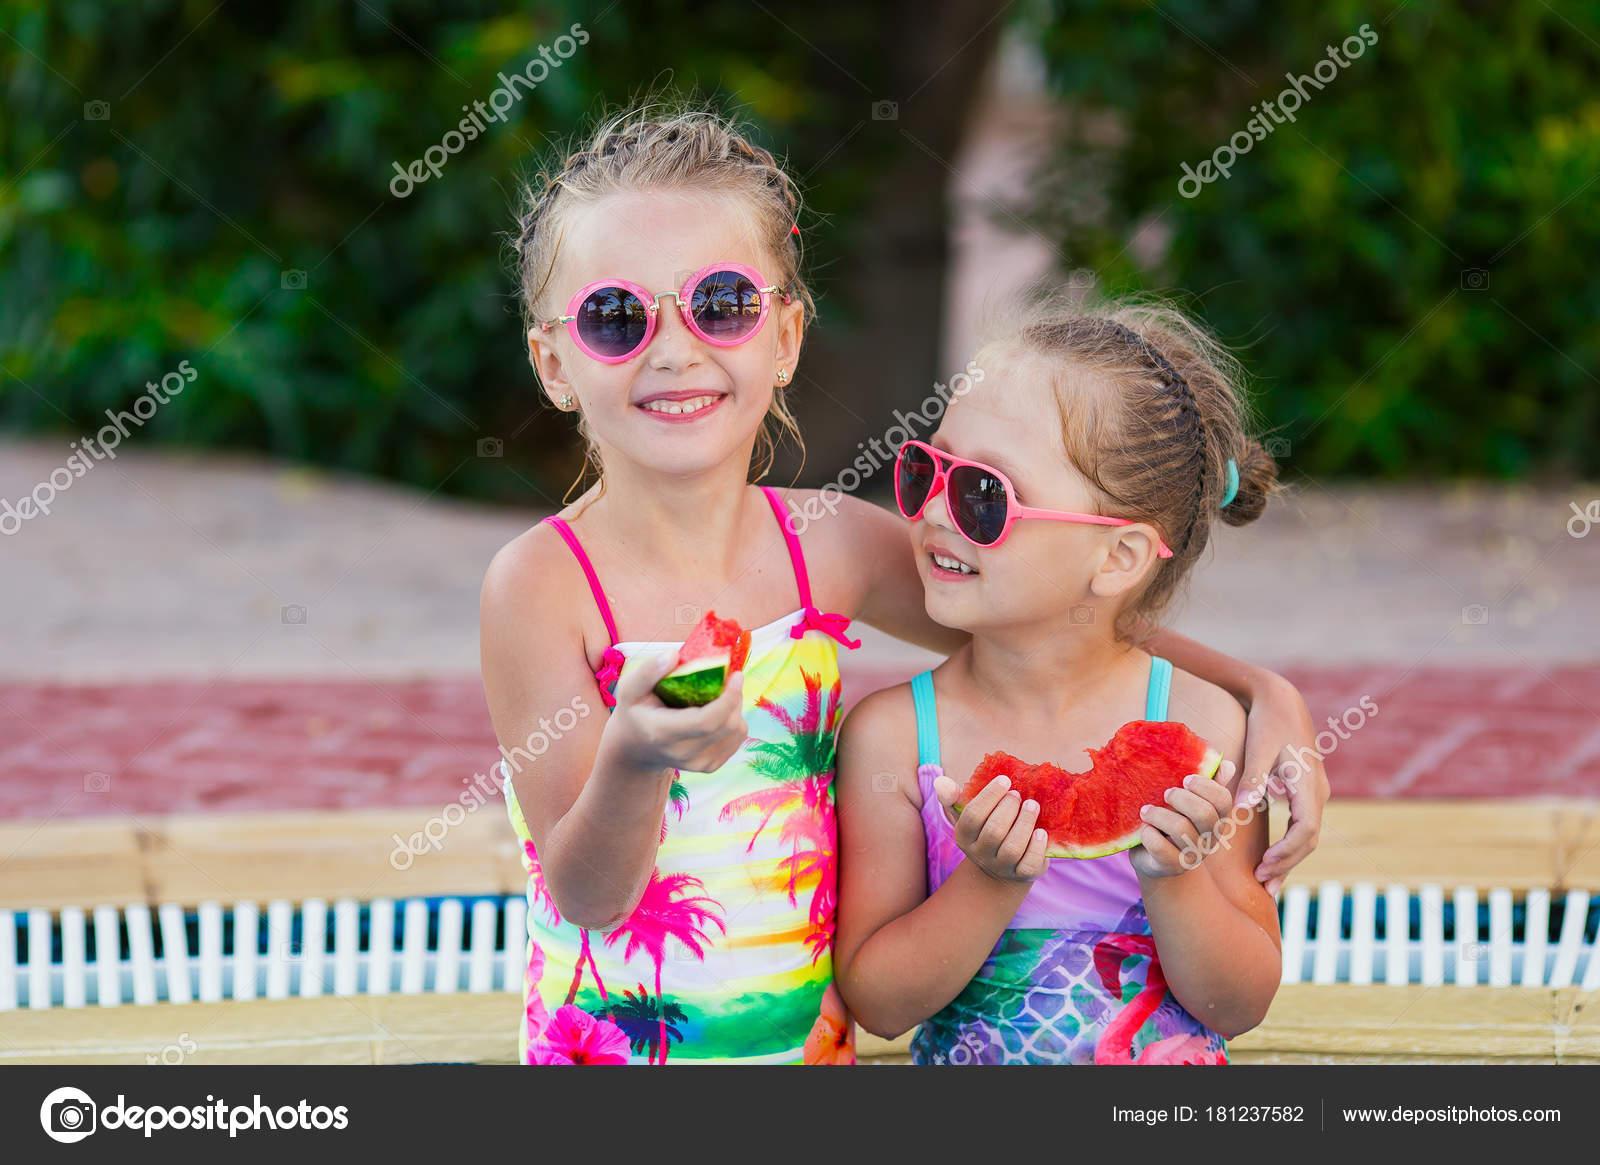 679754a5d4c7 Dos Niños Trajes Baño Piscina Comiendo Sandía Roja — Foto de stock ...